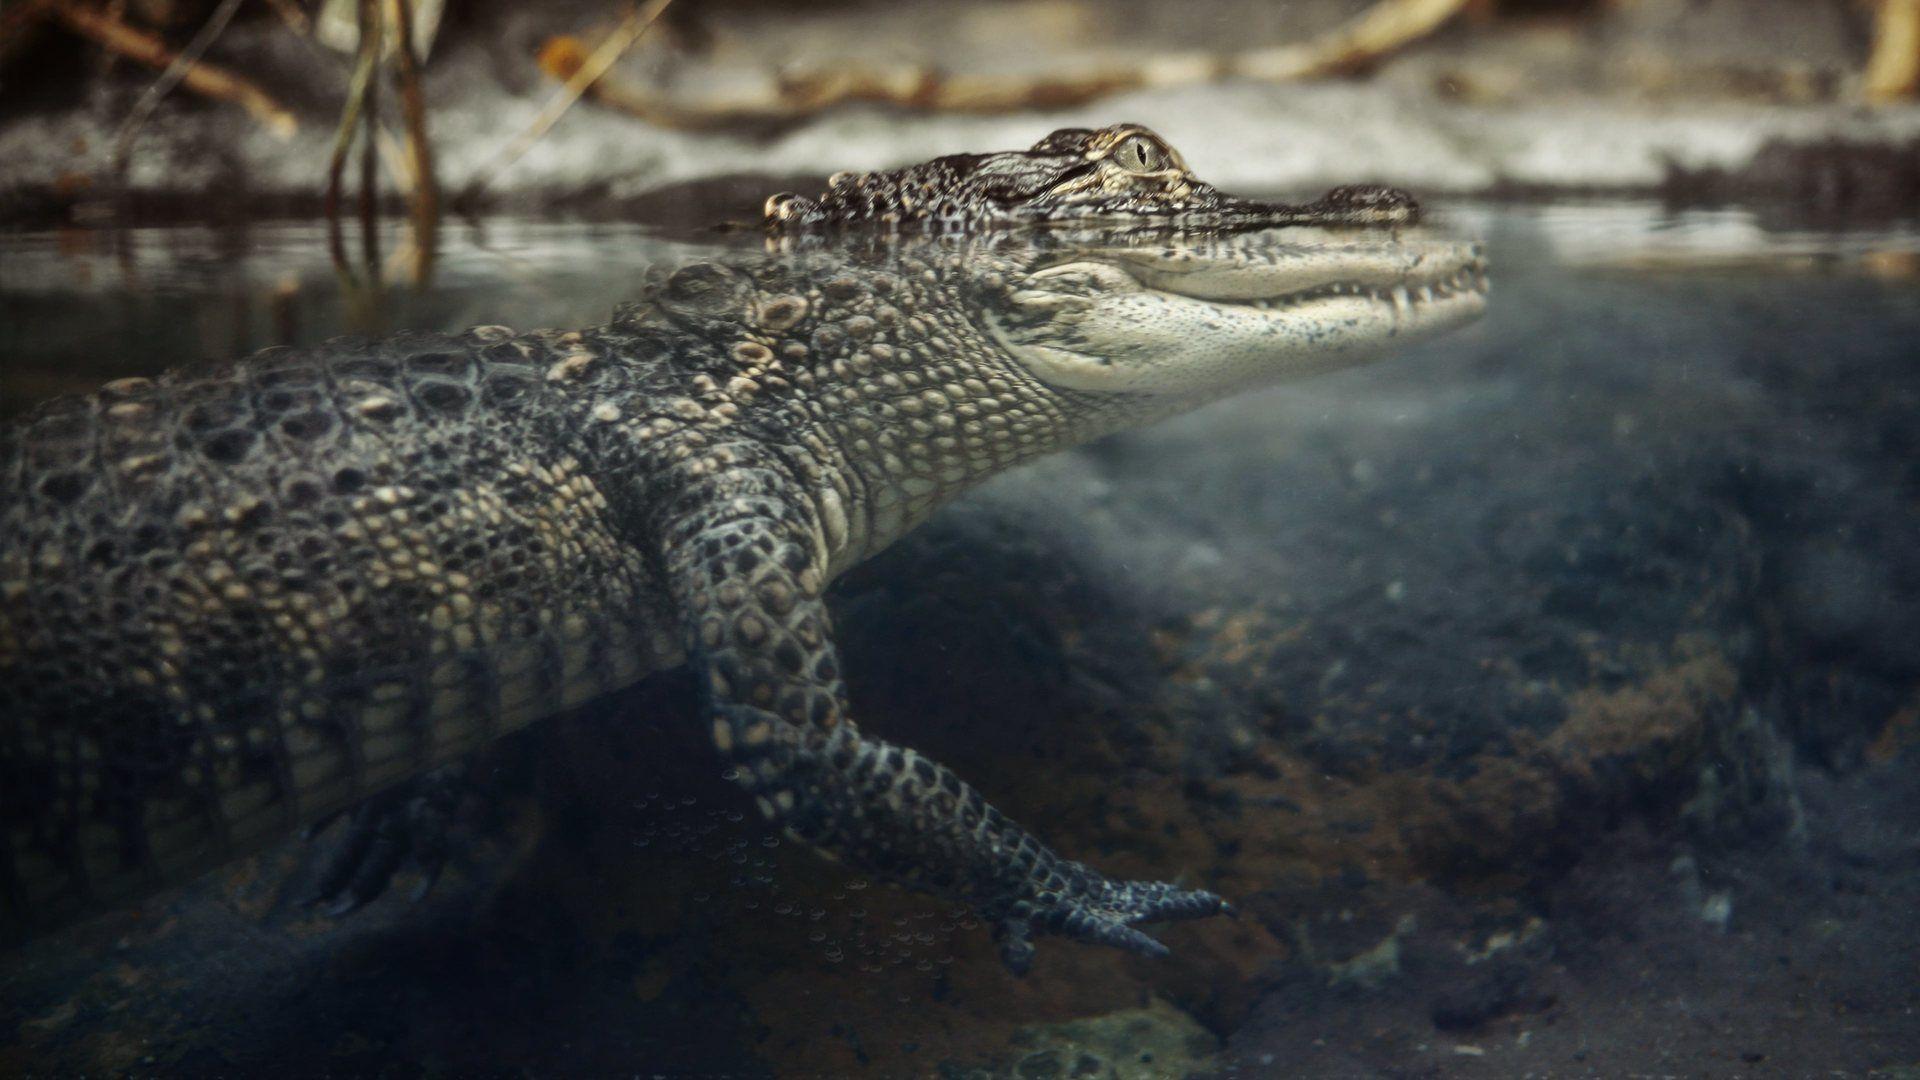 Nile Crocodile Photos